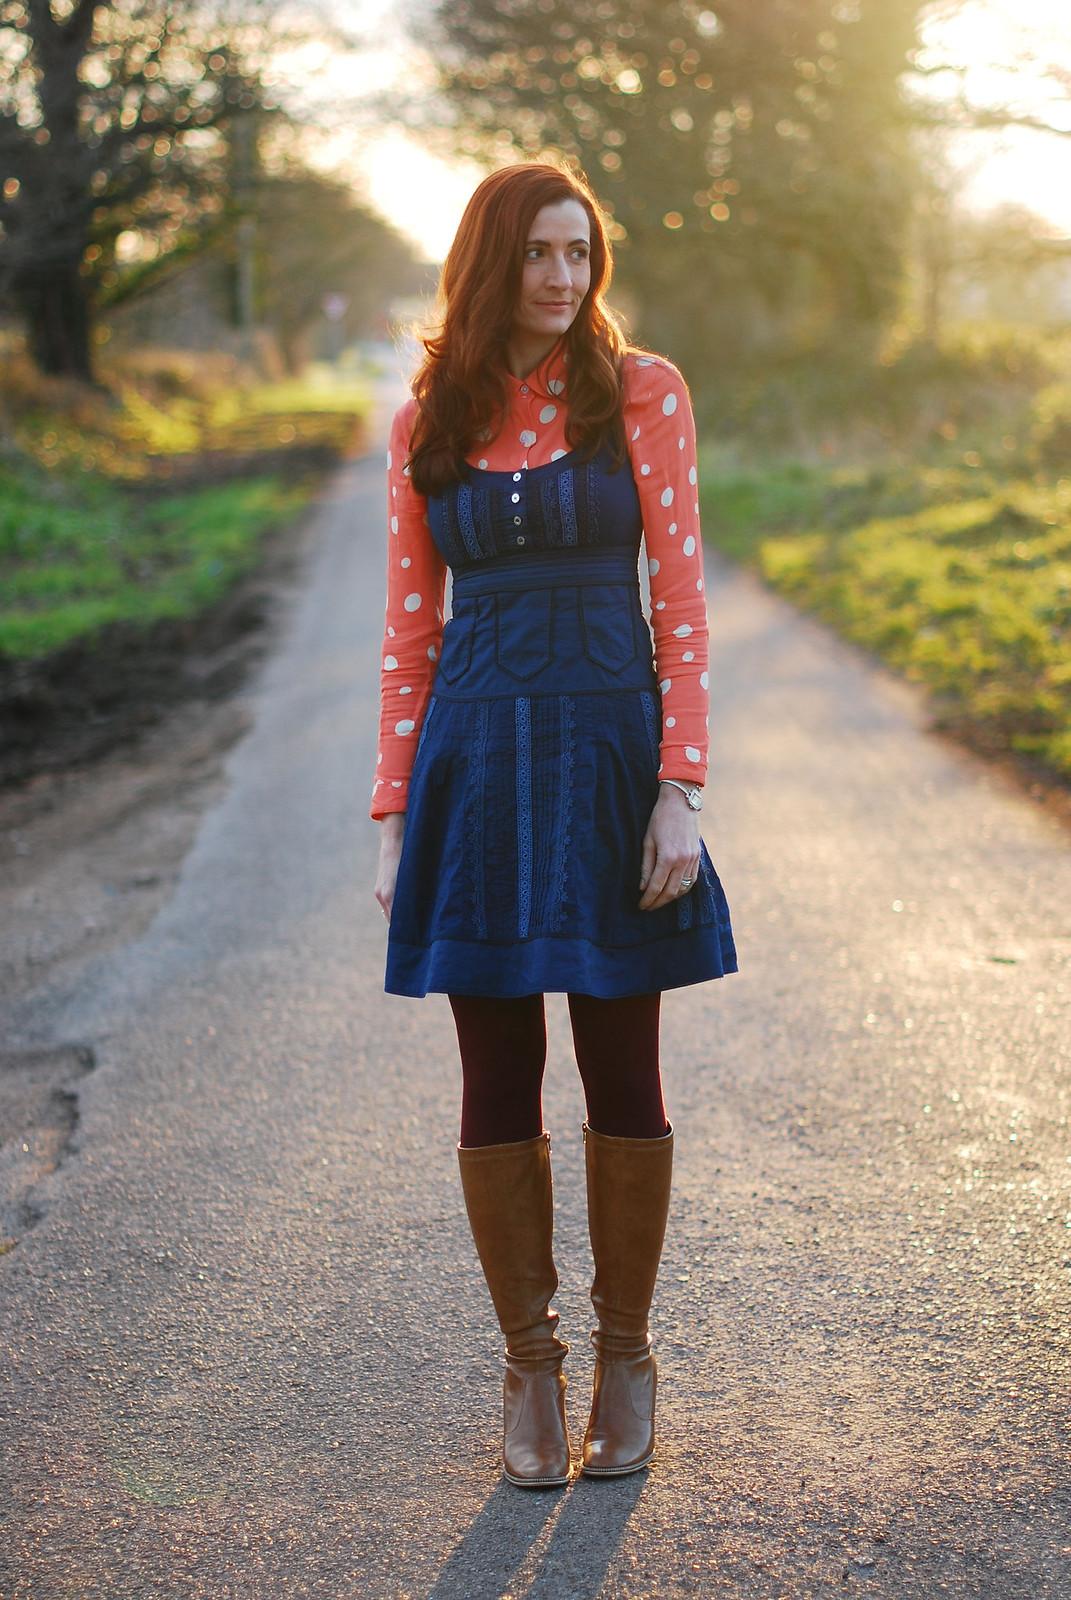 Polka dot shirt & navy pinafore dress